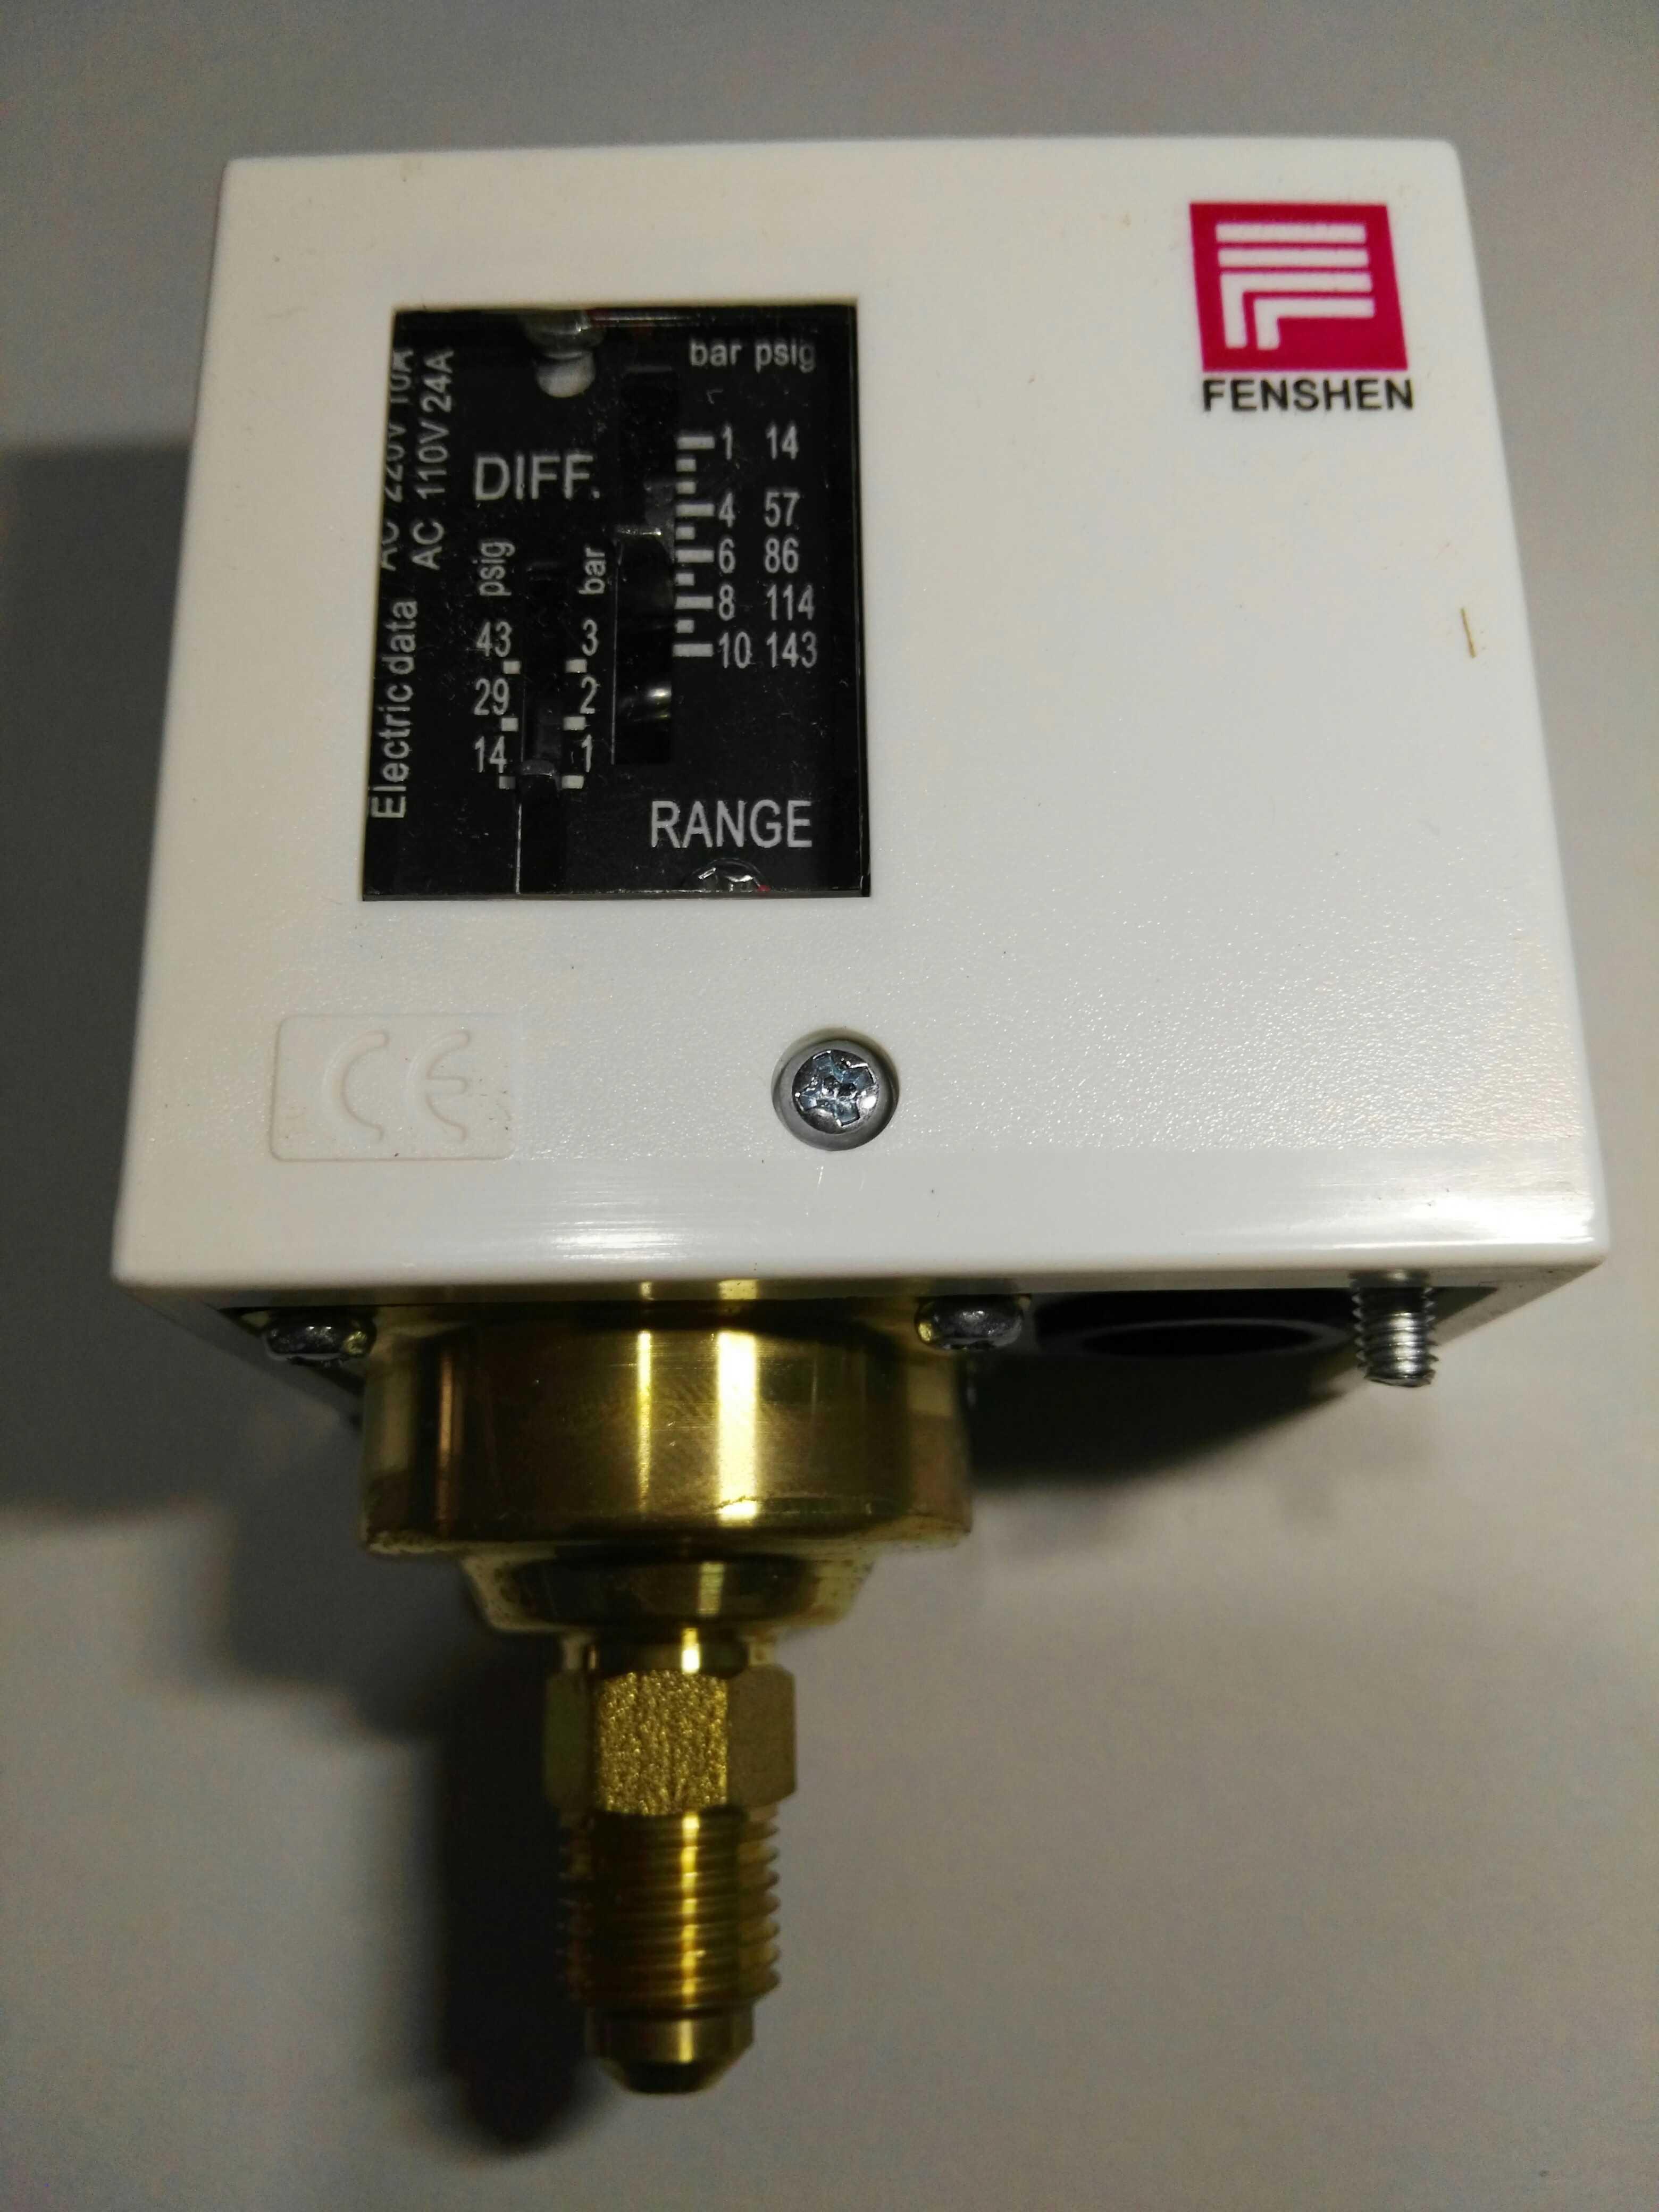 πακέτο μετά δημόσια γκράνβιλ Unisys ηλεκτρική θέρμανση γεννήτρια ατμού ρυθμιζόμενο αυτόματο διακόπτη πίεσης την πίεση του ελεγκτή